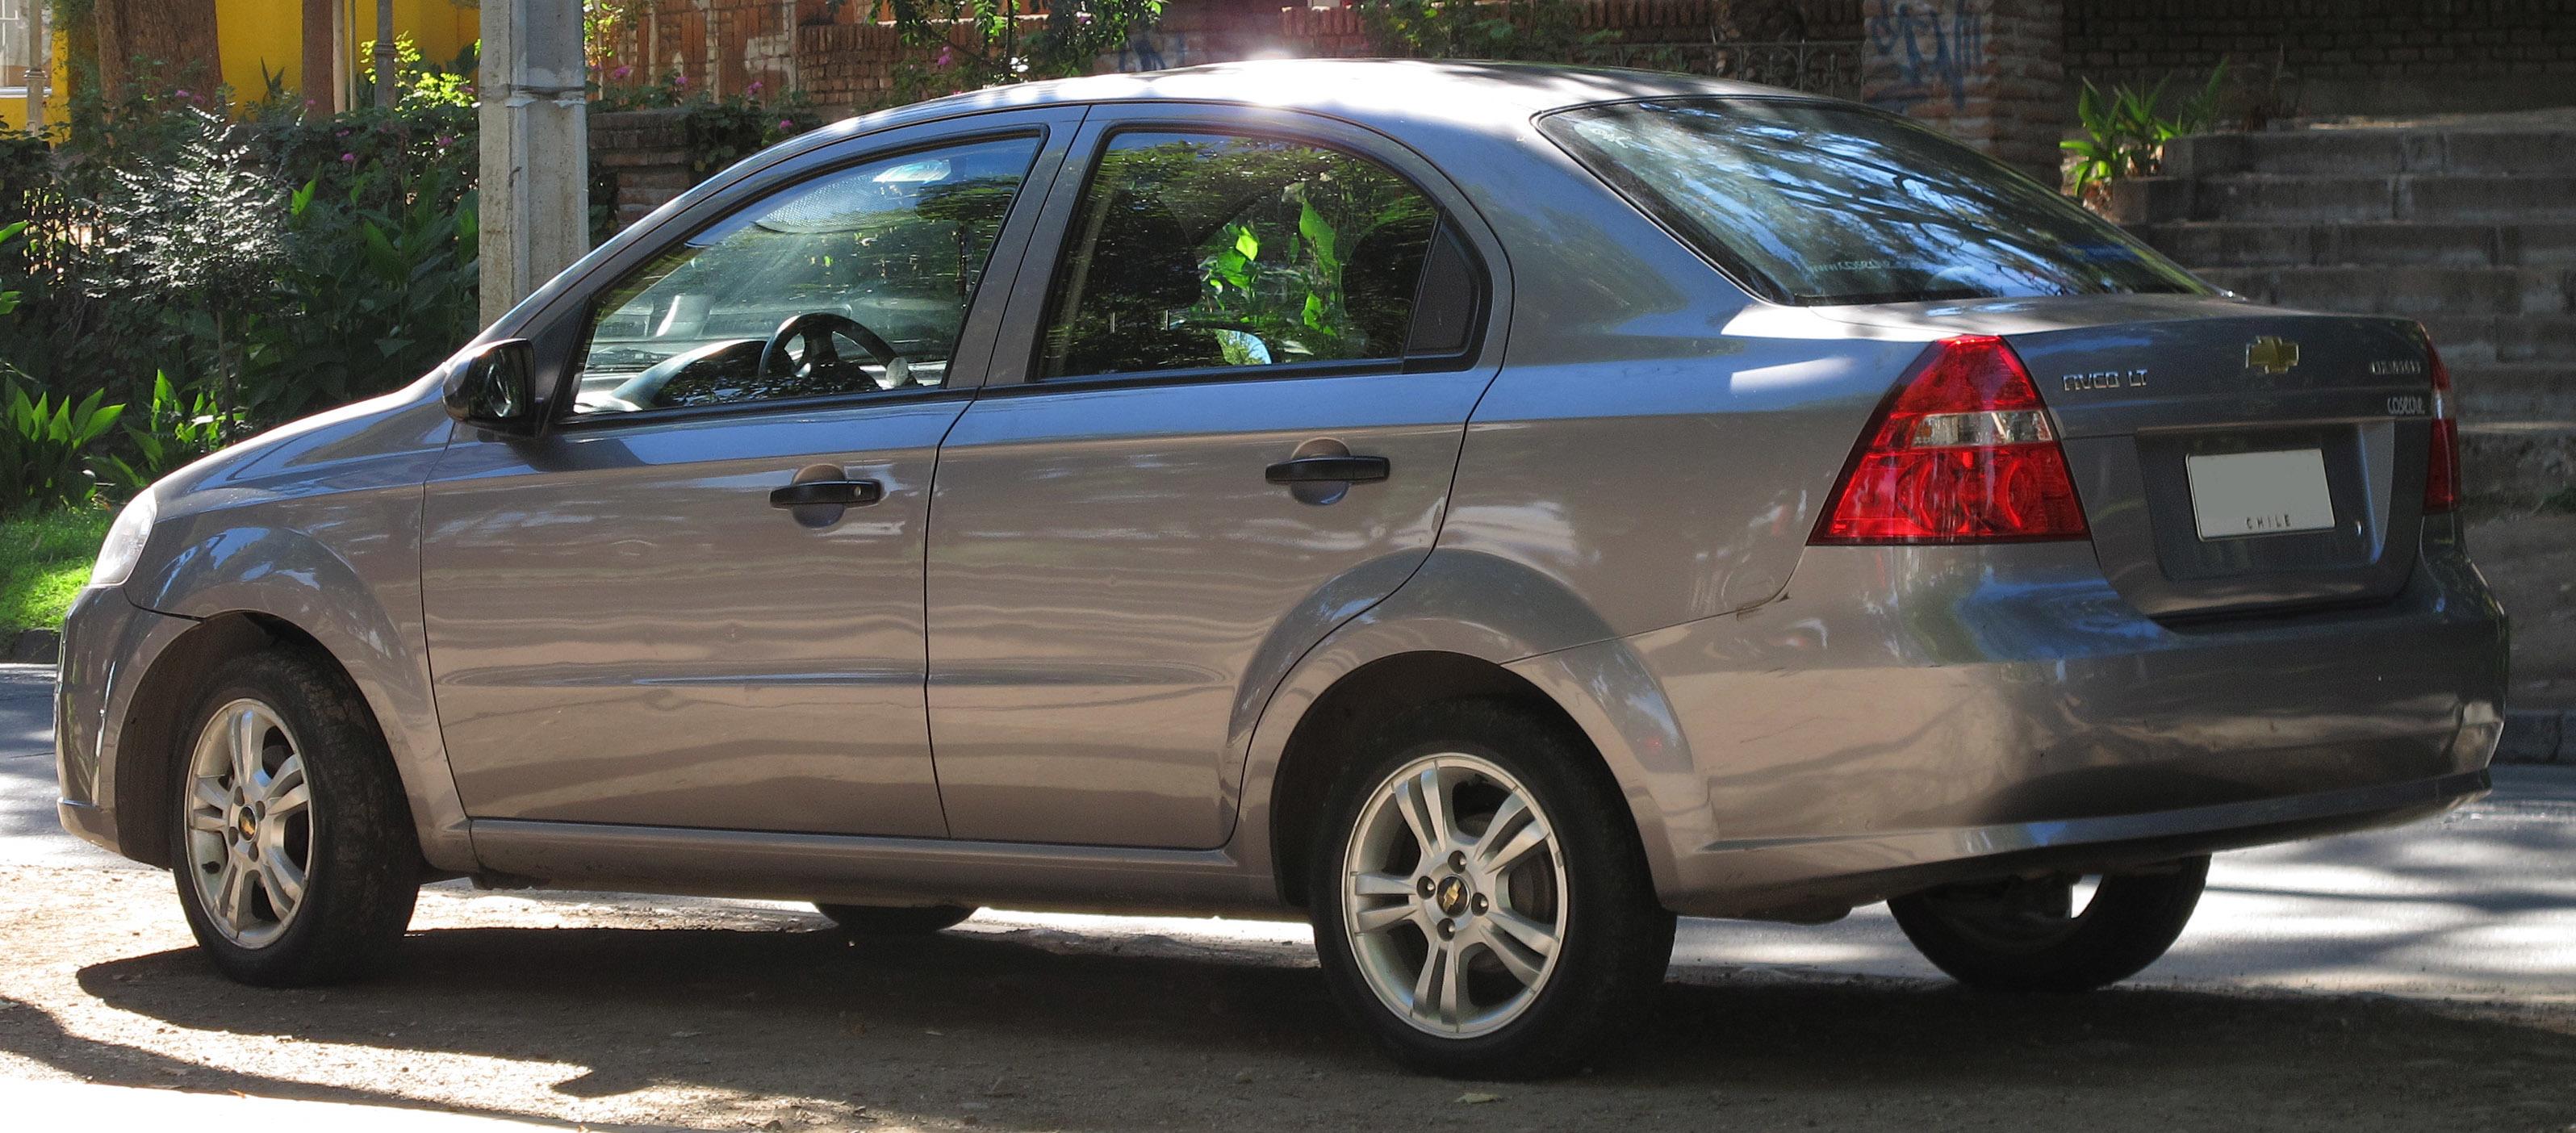 Kelebihan Kekurangan Chevrolet Aveo 2011 Tangguh